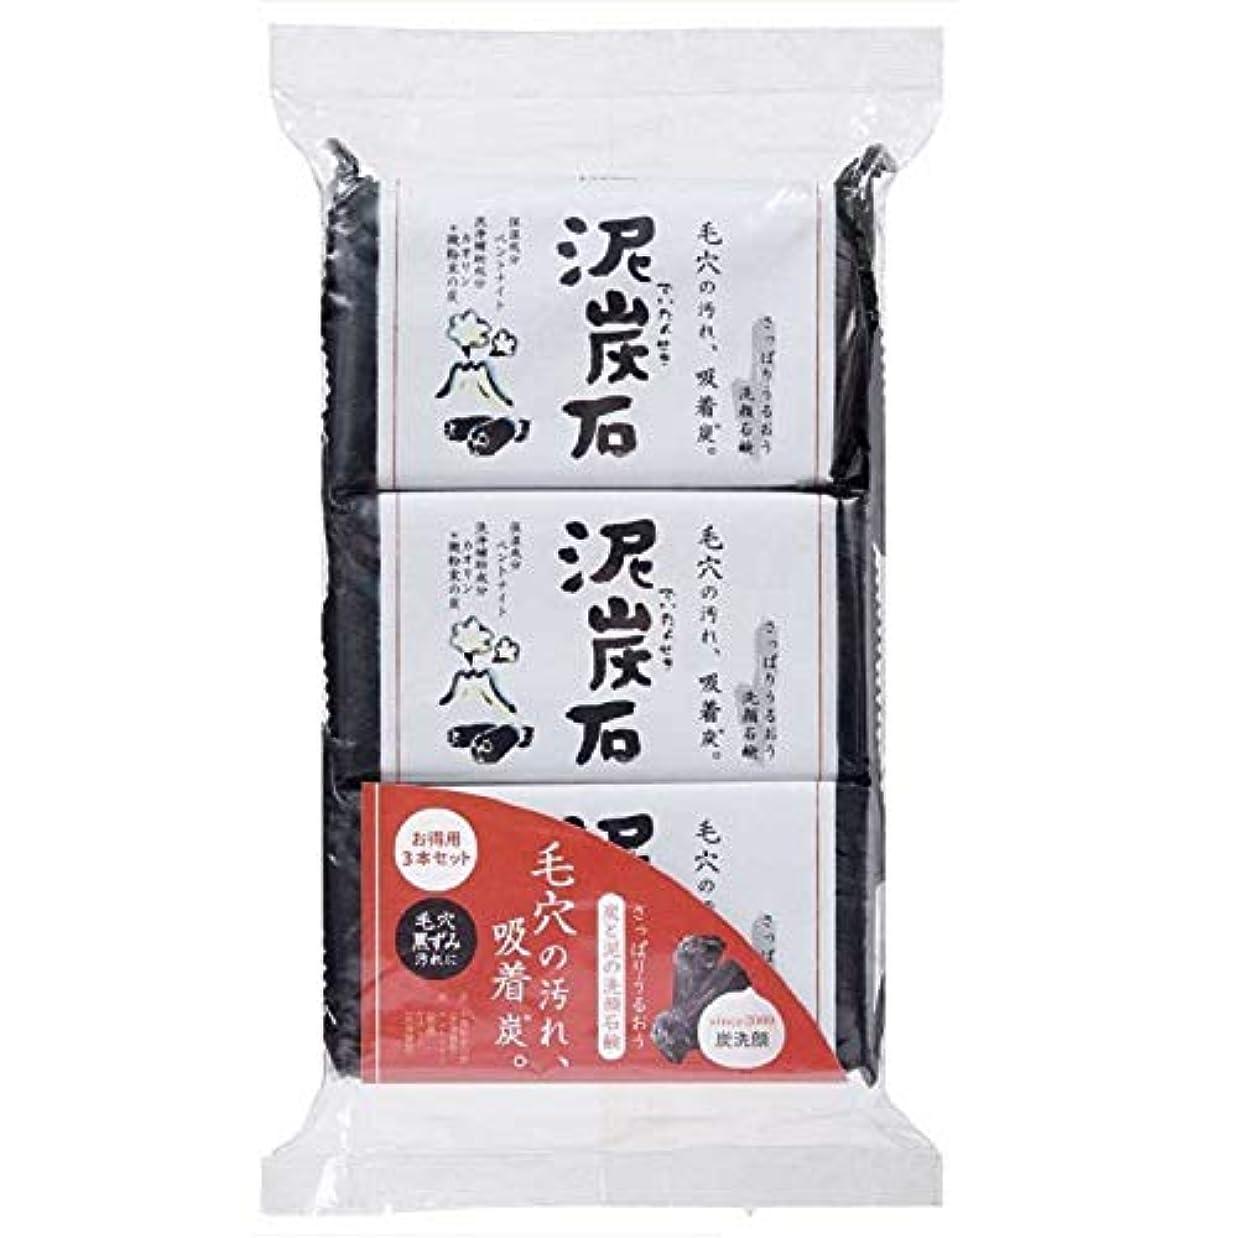 【セット品】ペリカン 泥炭石 110g*3個×3セット